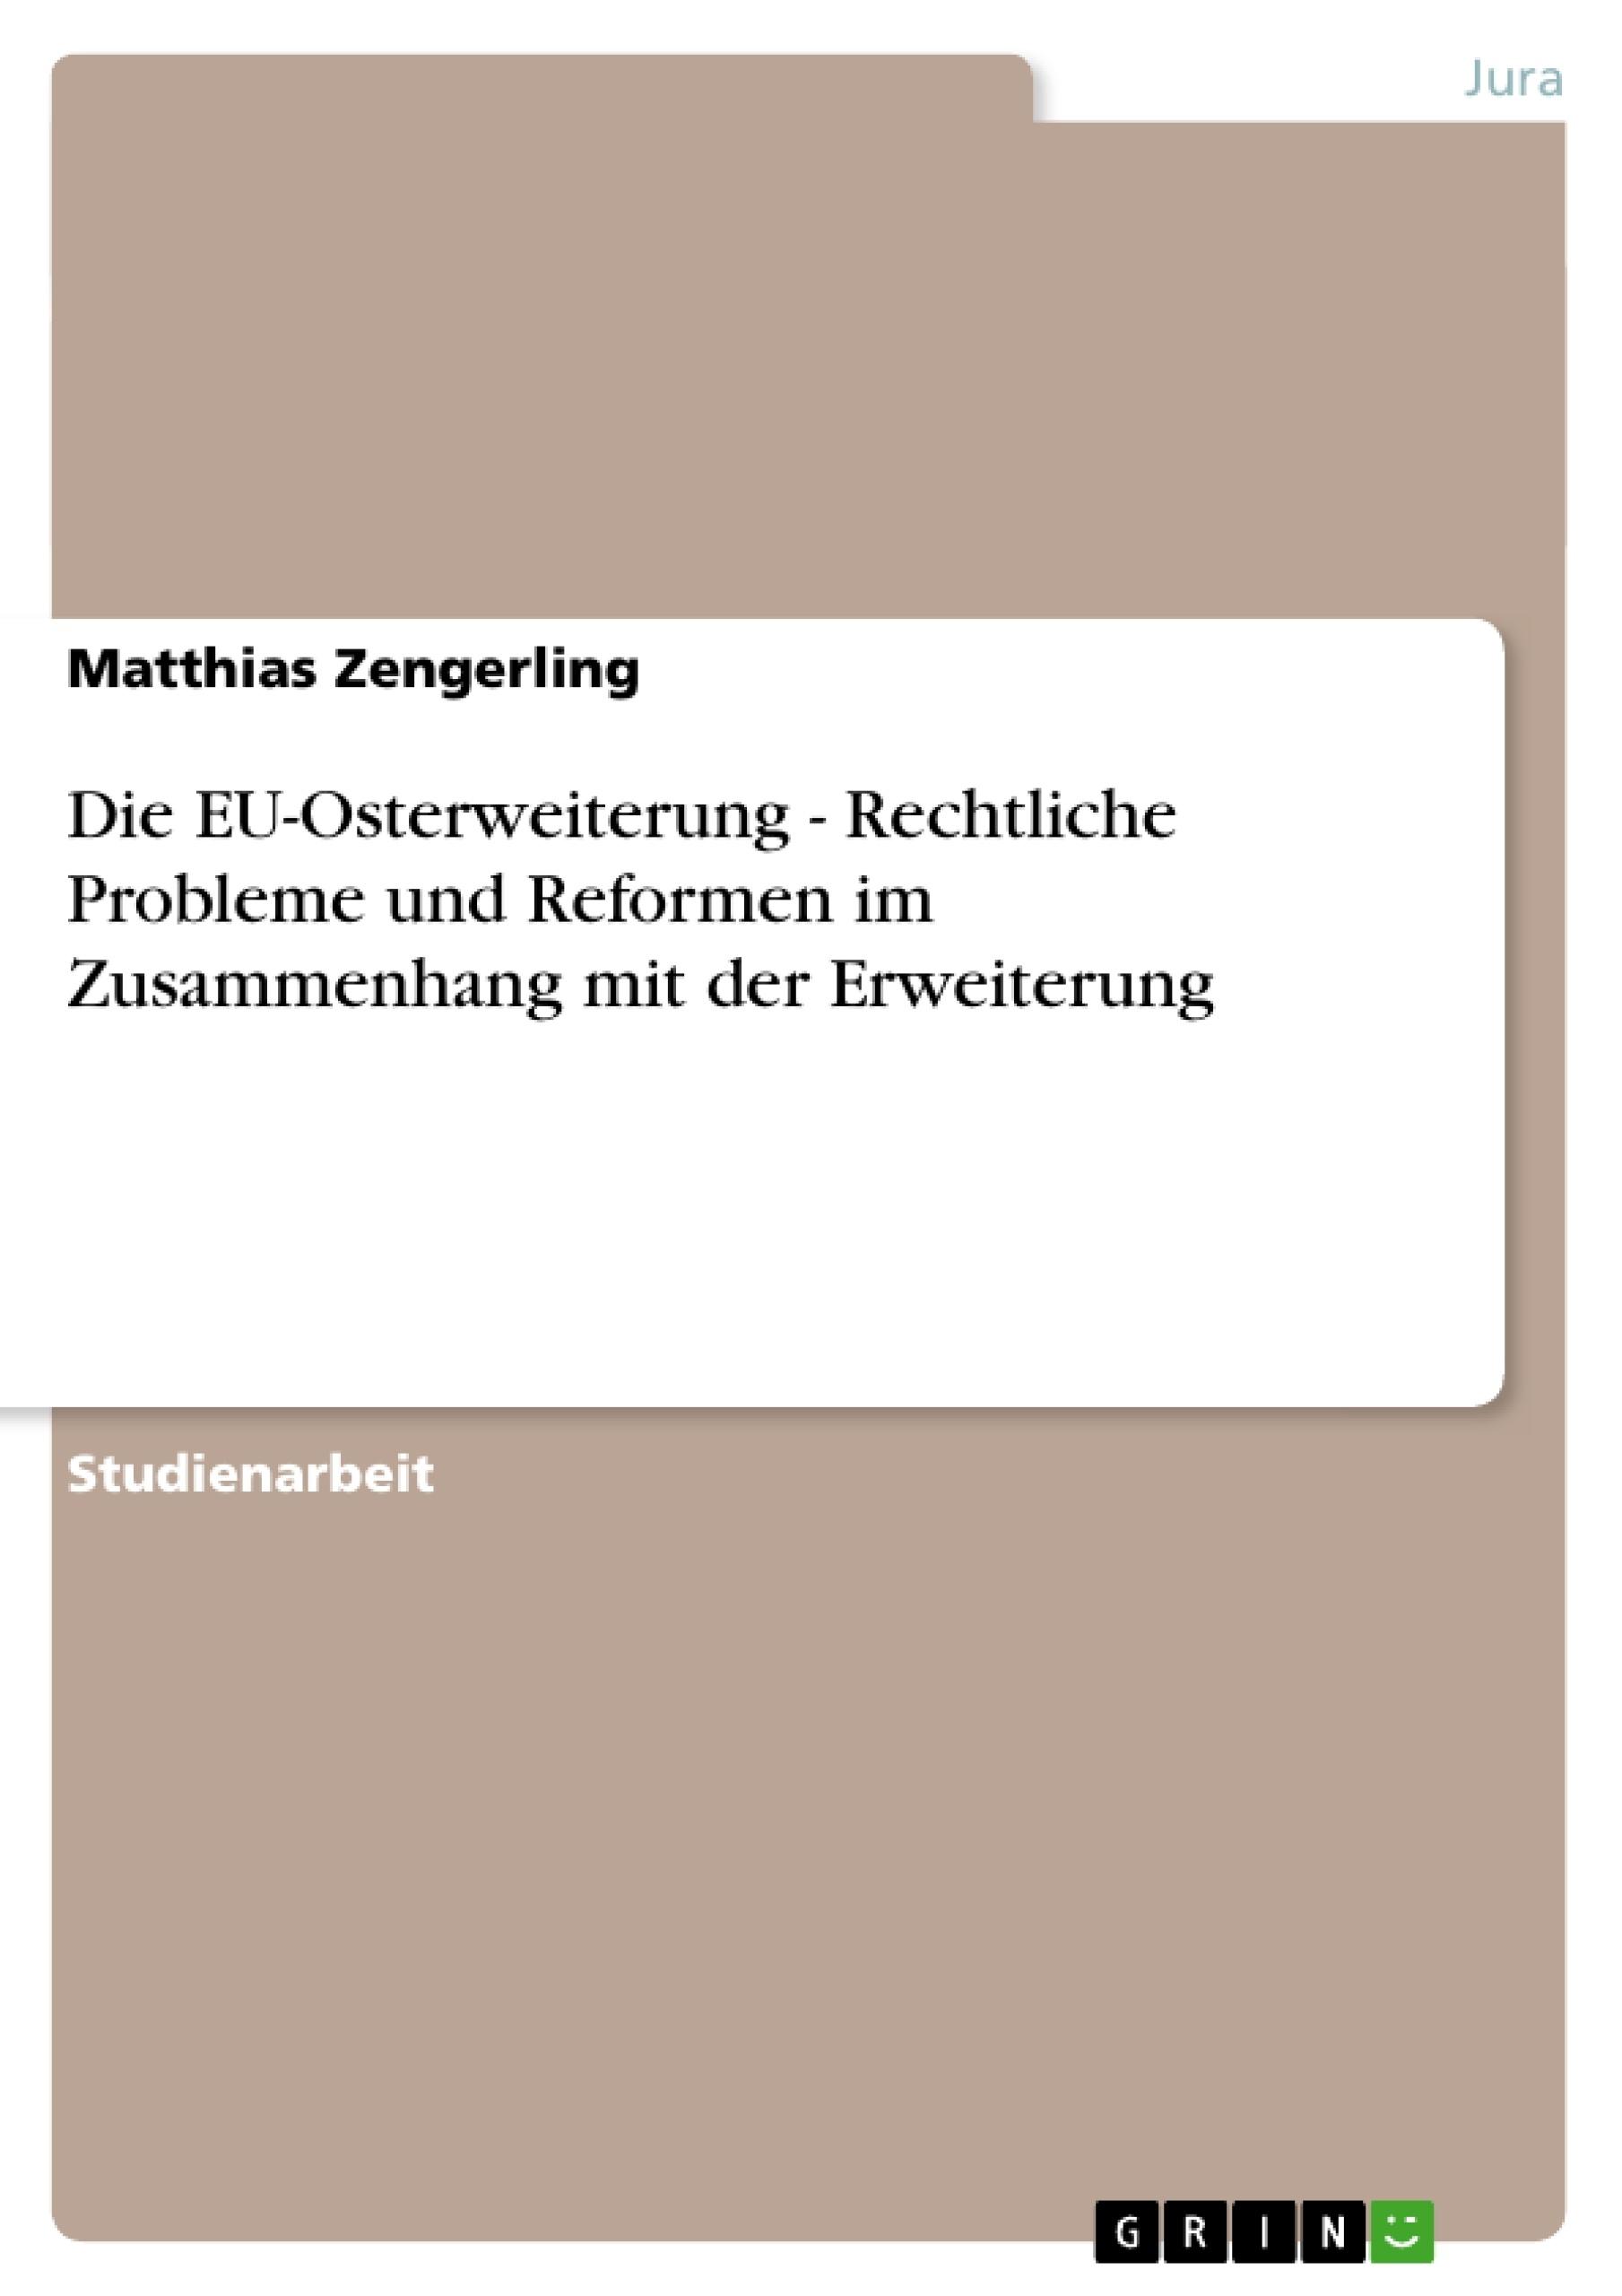 Titel: Die EU-Osterweiterung - Rechtliche Probleme und Reformen im Zusammenhang mit der Erweiterung